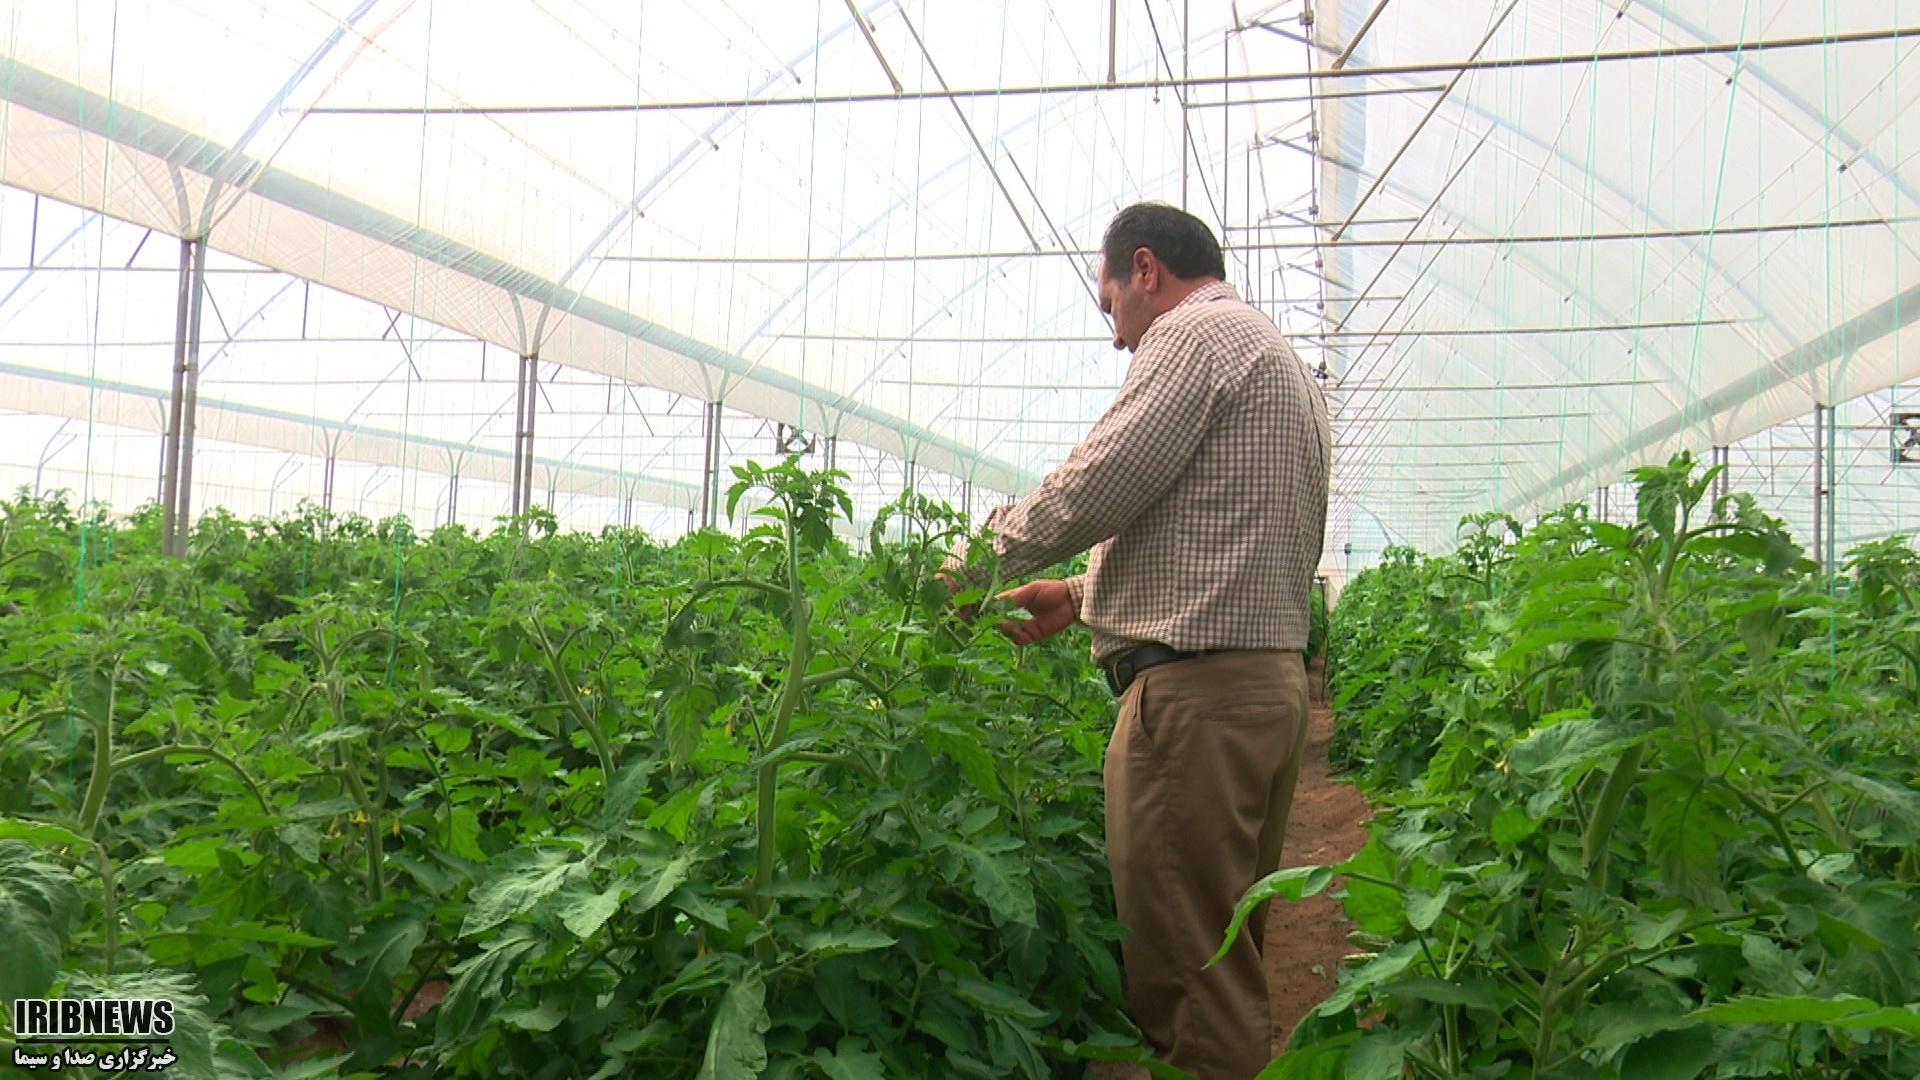 پرداخت تسهیلات به 60 طرح اشتغال کشاورزی در طبس